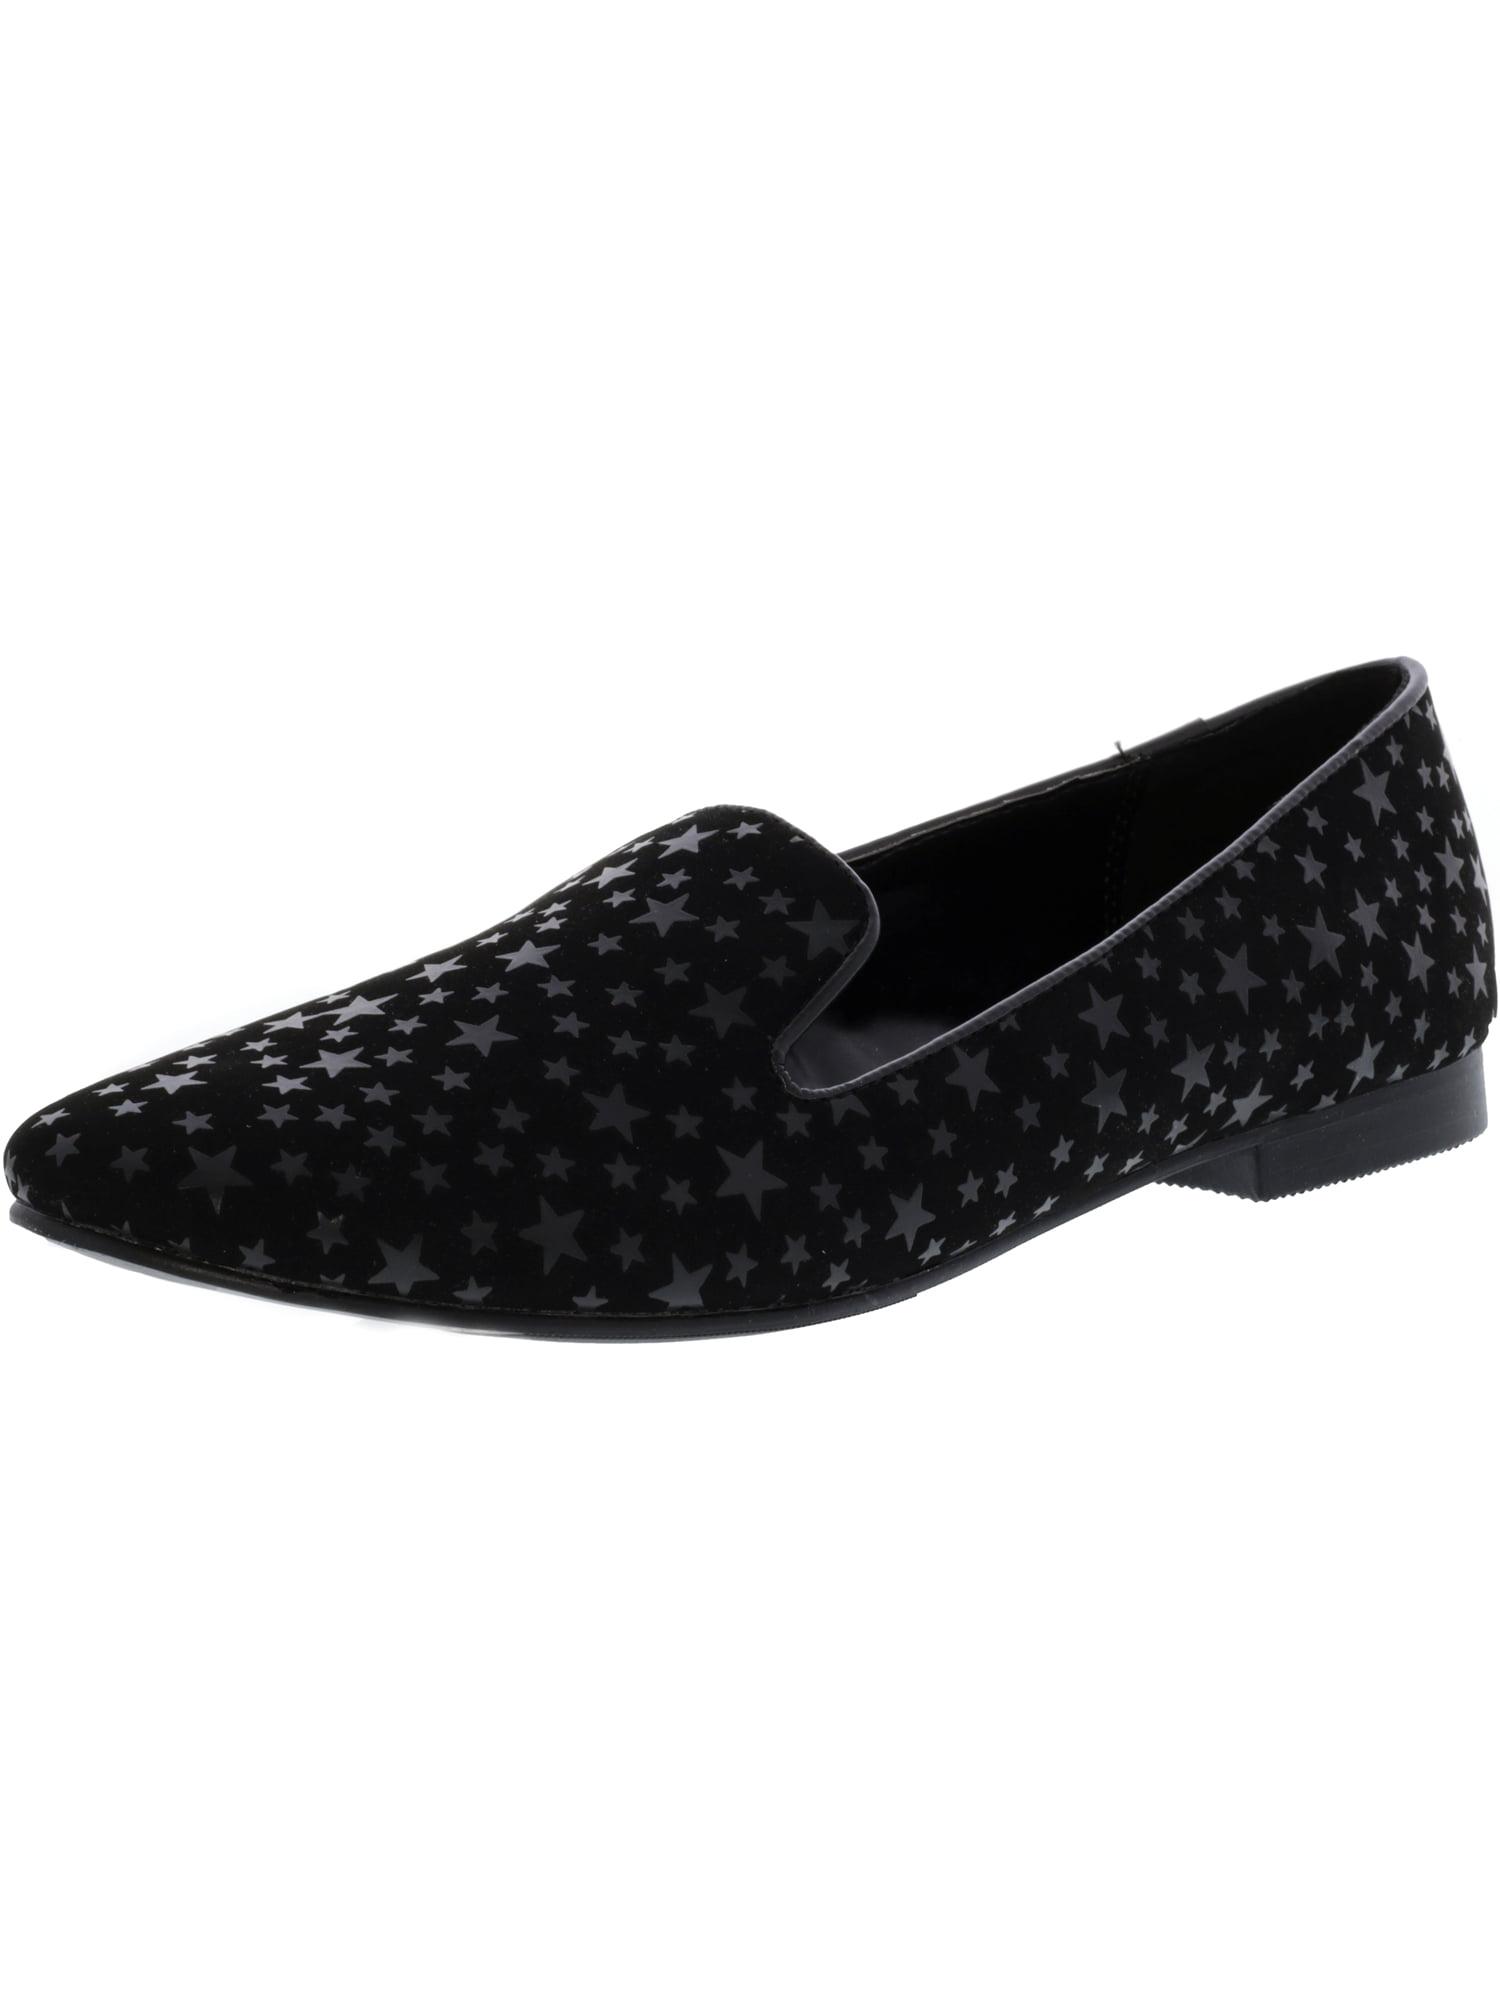 Madden Girl Women's Cloey Black / Star Ankle-High Slip-On Shoes - 10M